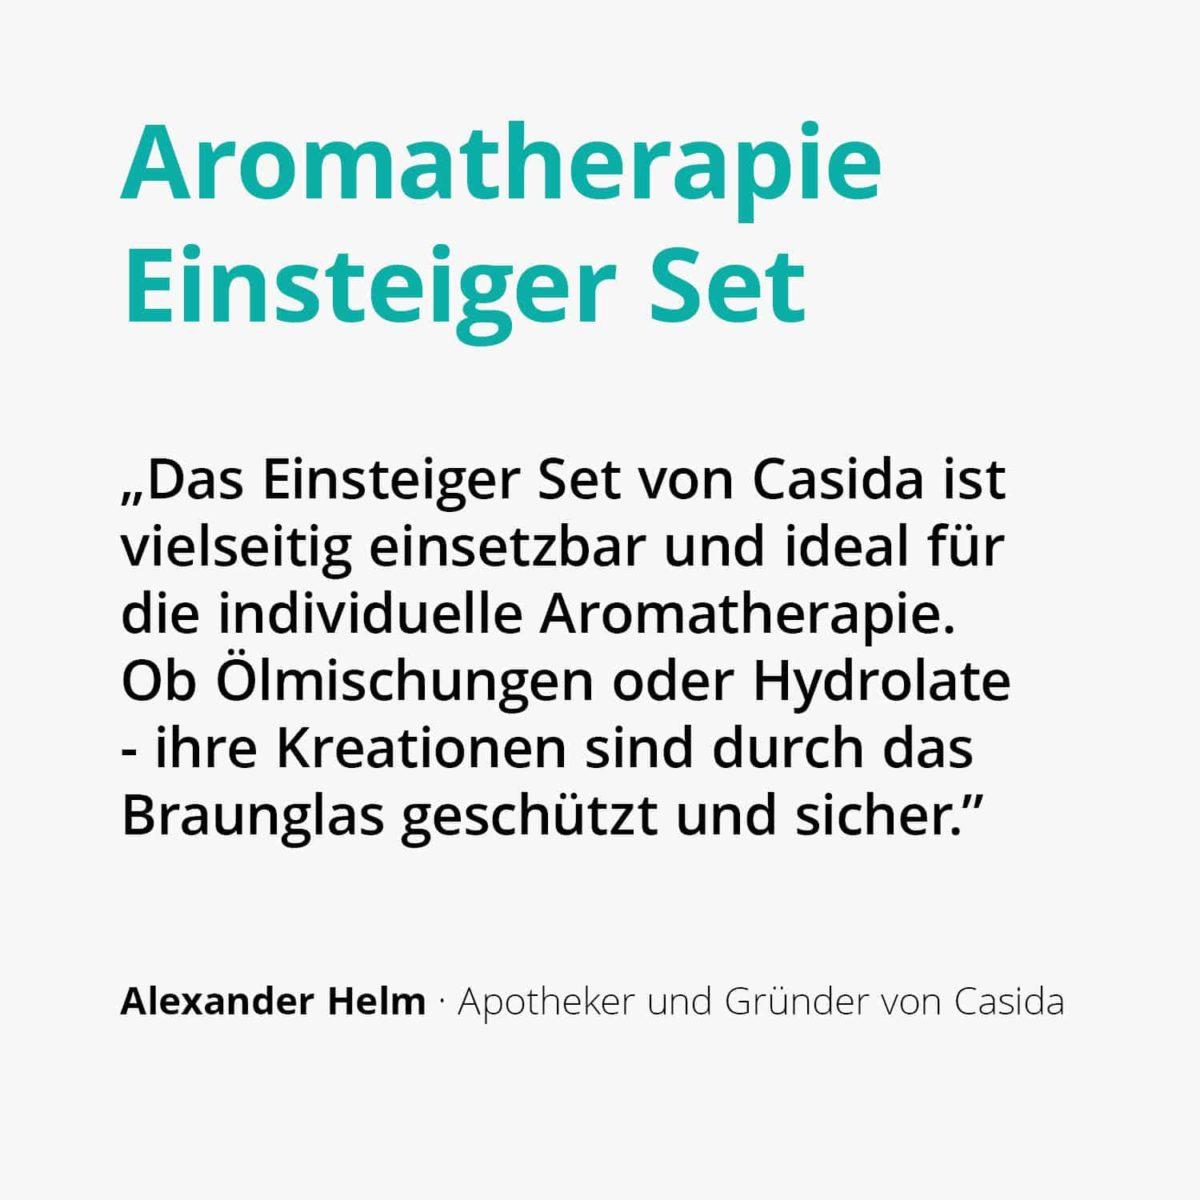 Casida Aromatherapie Einsteiger Set A3230241 Roll On Sprühflasche 10 ml 20 ml 100 ml ätherische Öle Braunglas2